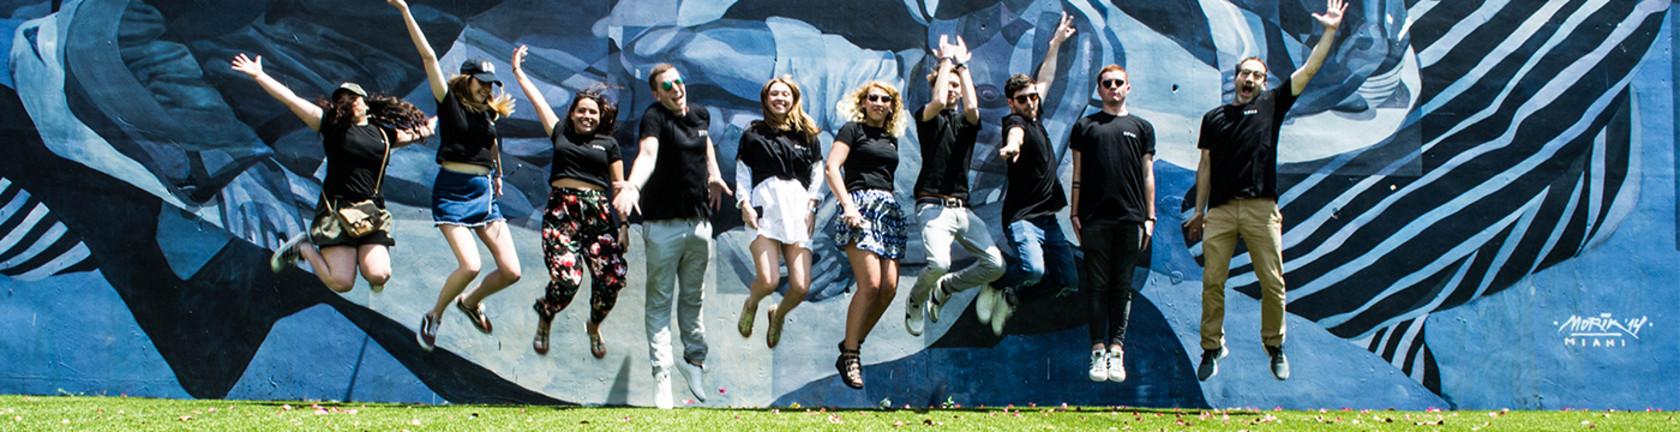 Profils et débouchés - MBA Advertising & Creativity EFAP Bordeaux